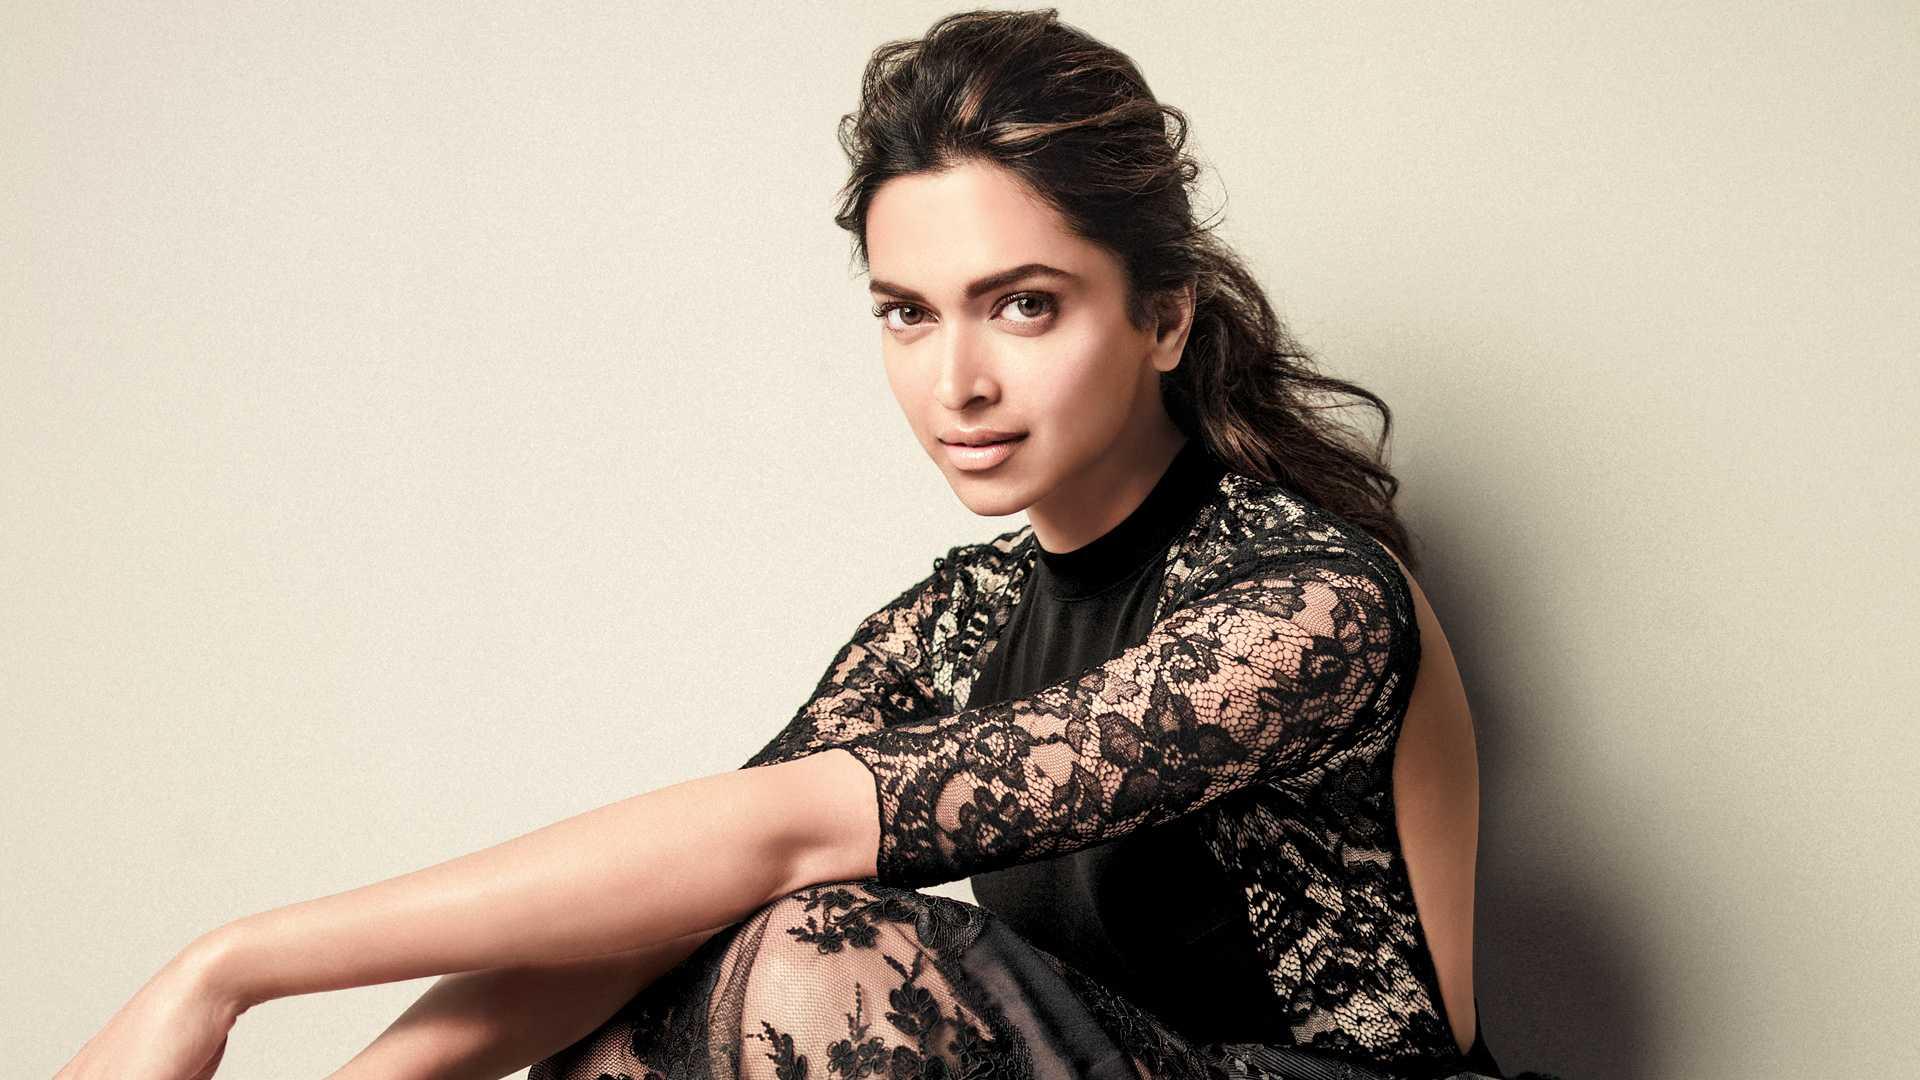 Deepika Padukone Vogue 2016: Deepika Padukone Vogue, HD Indian Celebrities, 4k